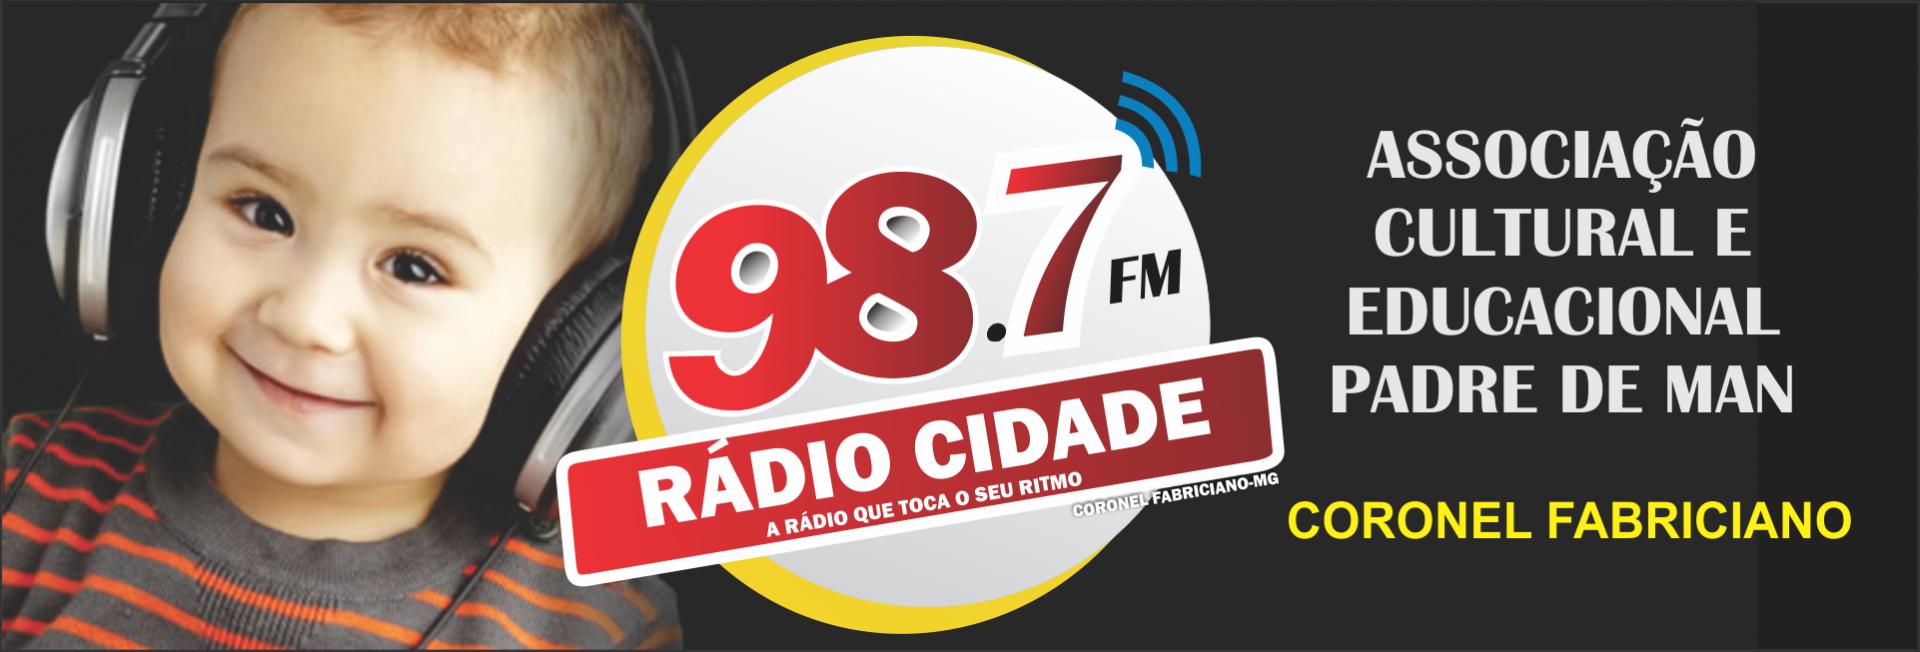 Rádio Cidade FM 98,7